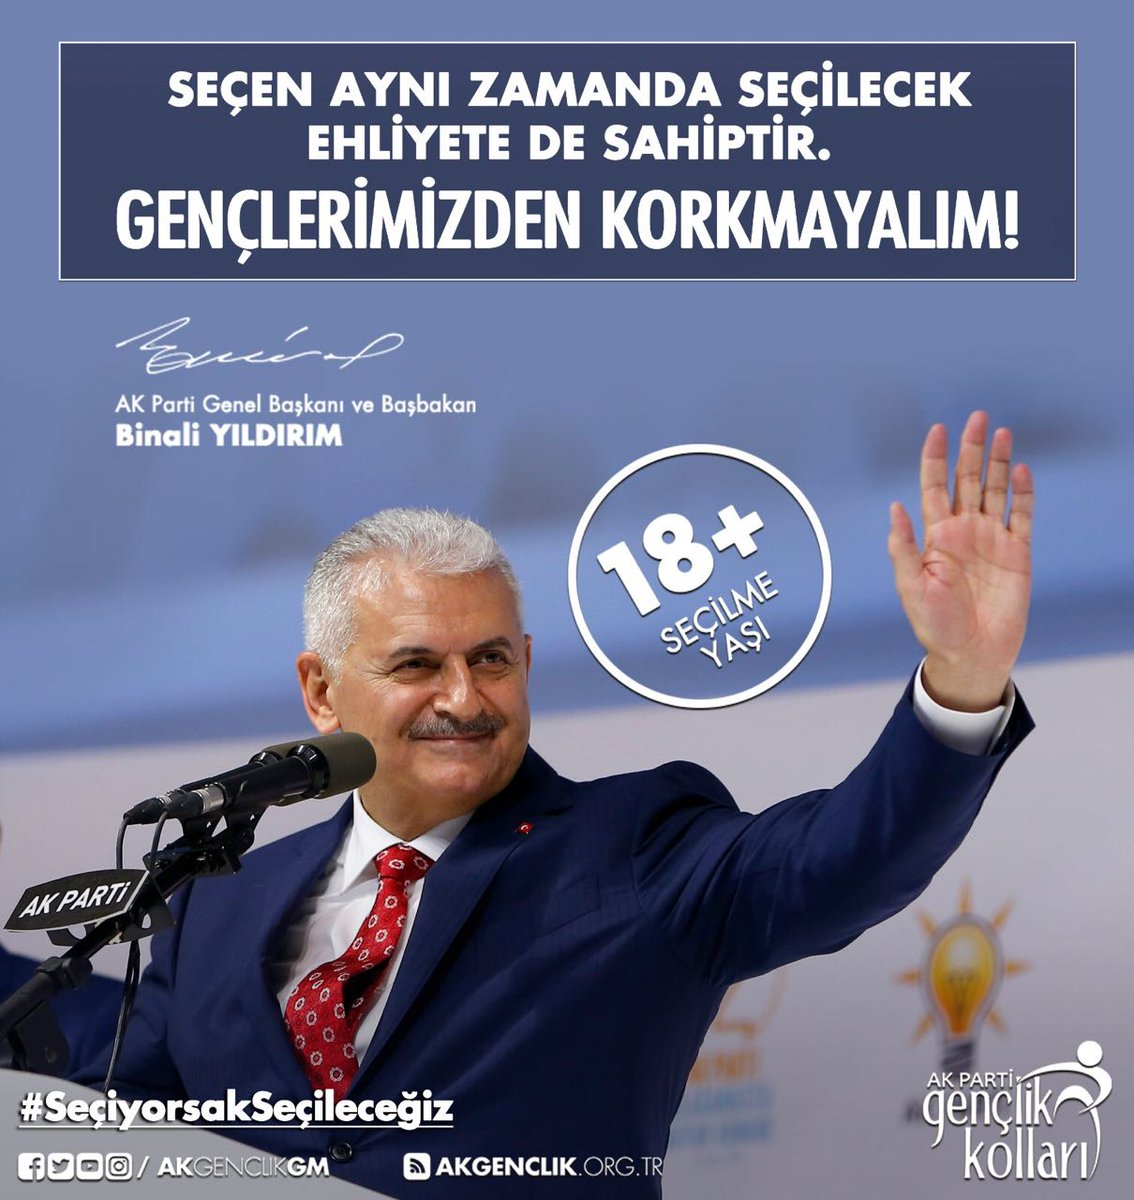 RT @UniAKIsparta: #SeçiyorsakSeçileceğiz https://t.co/RVWhimOWkK